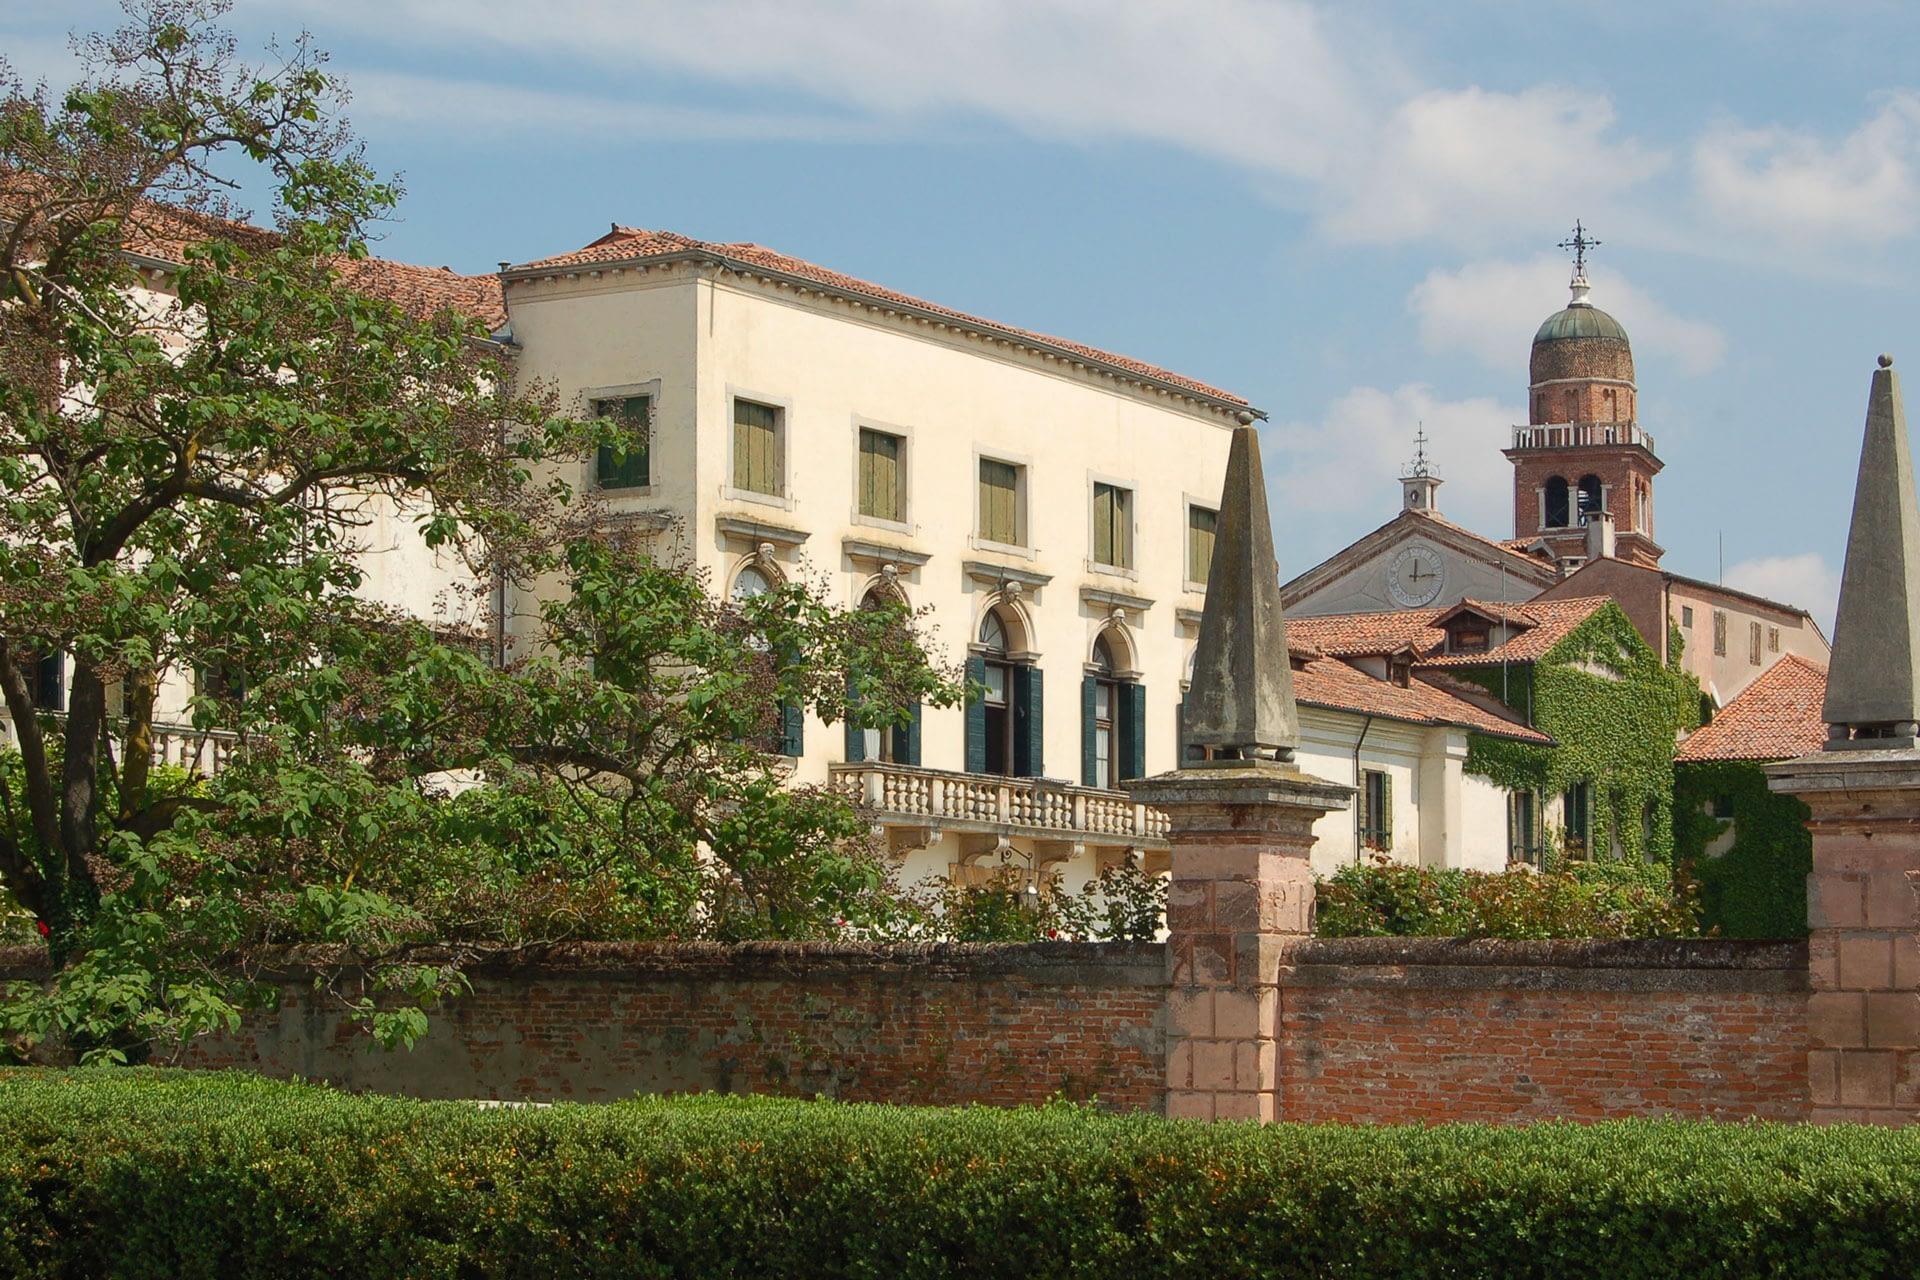 Bagnoli di Sopra_Vista da giardino di Villa Widmann Borletti